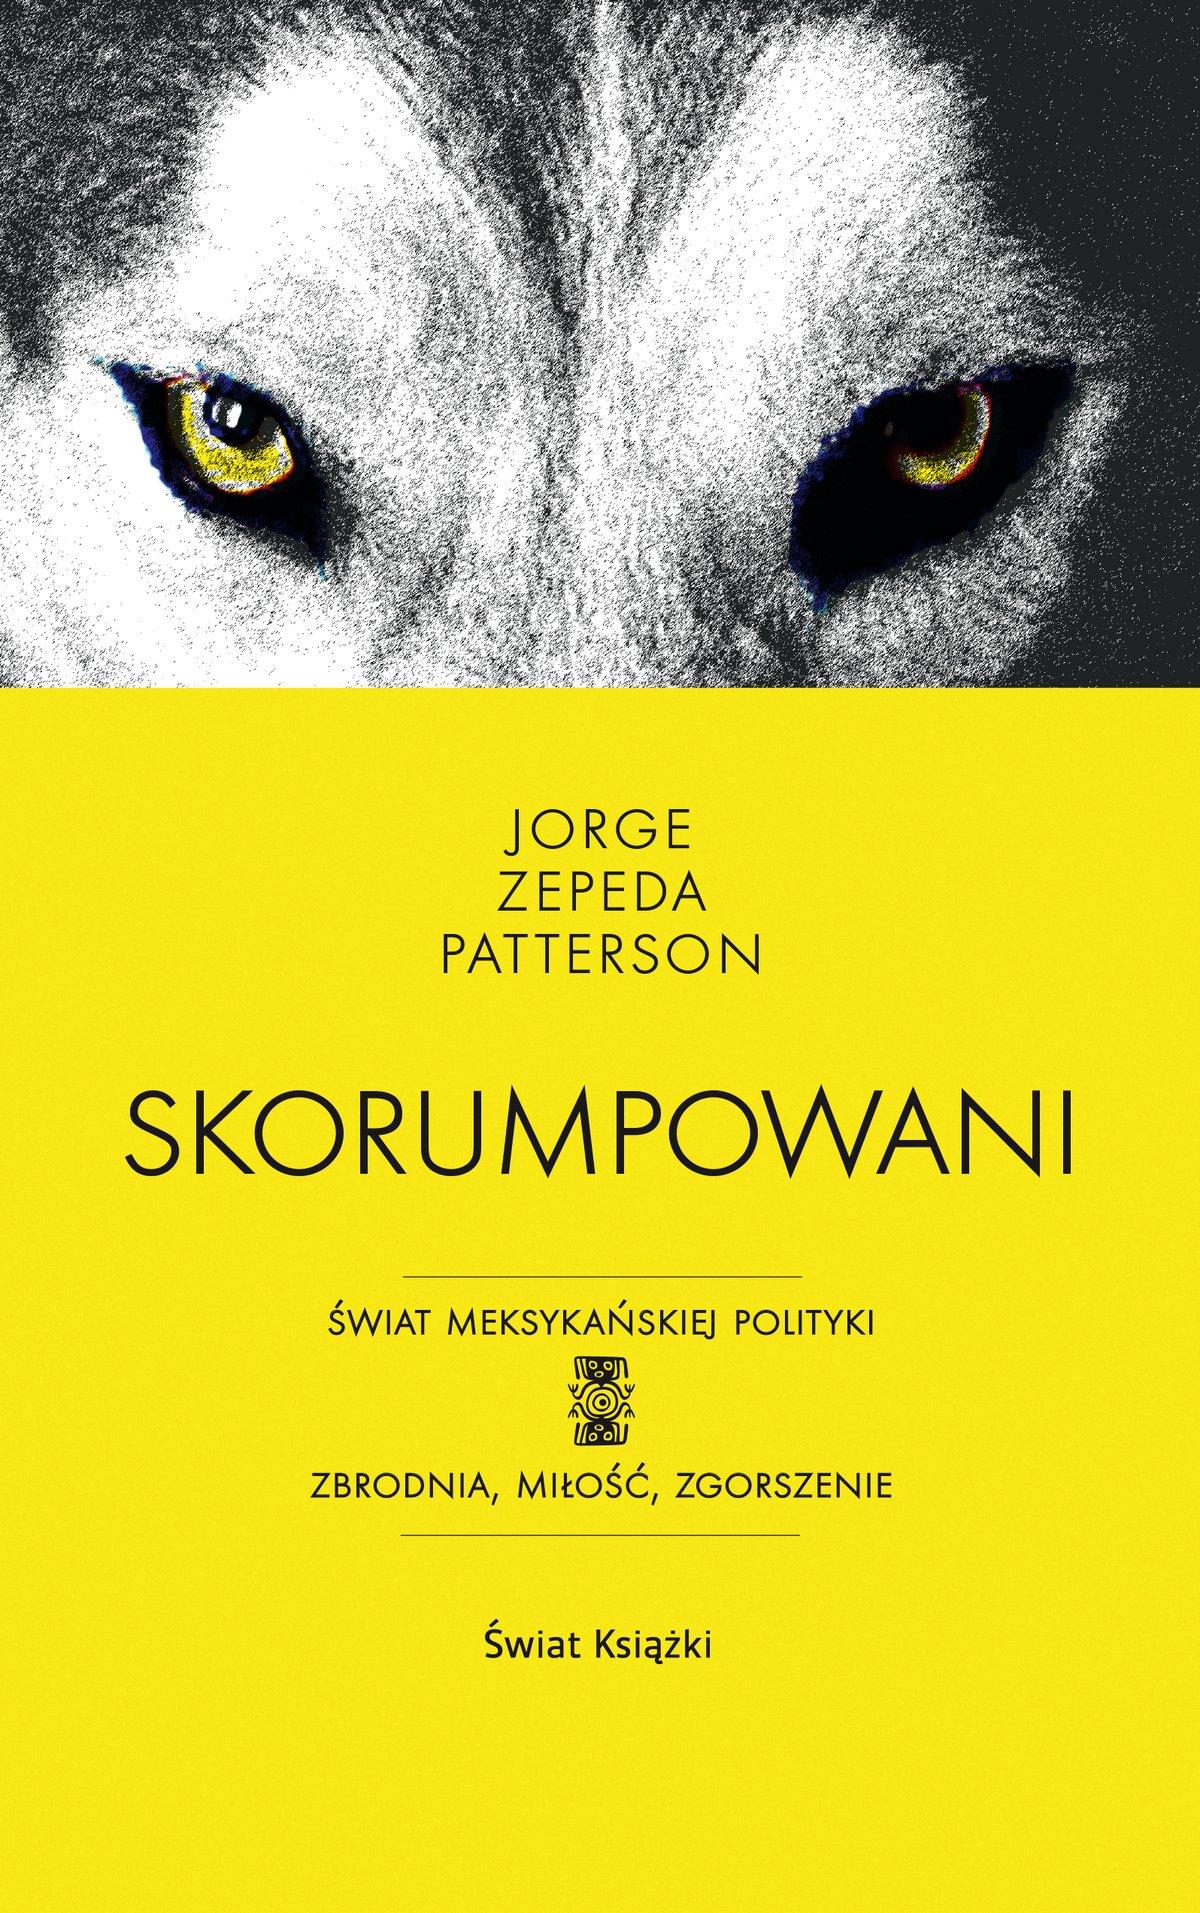 Skorumpowani - Ebook (Książka EPUB) do pobrania w formacie EPUB